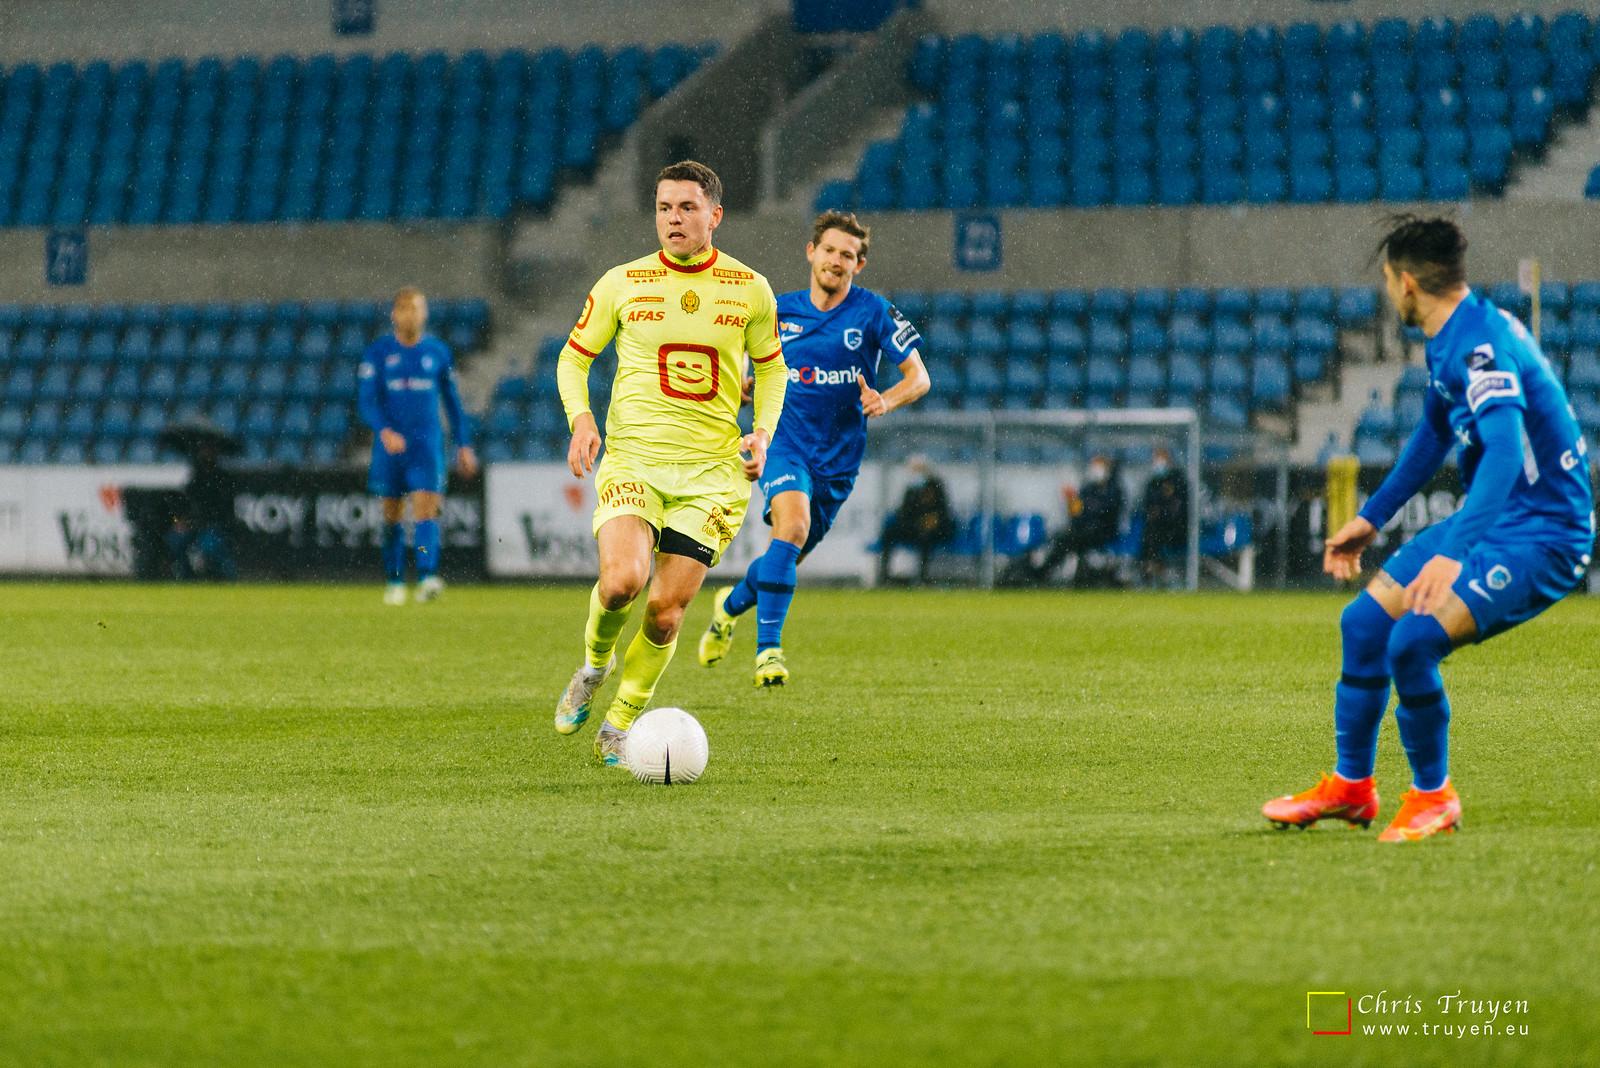 KRC Genk - KV Mechelen - BvB(4-1)